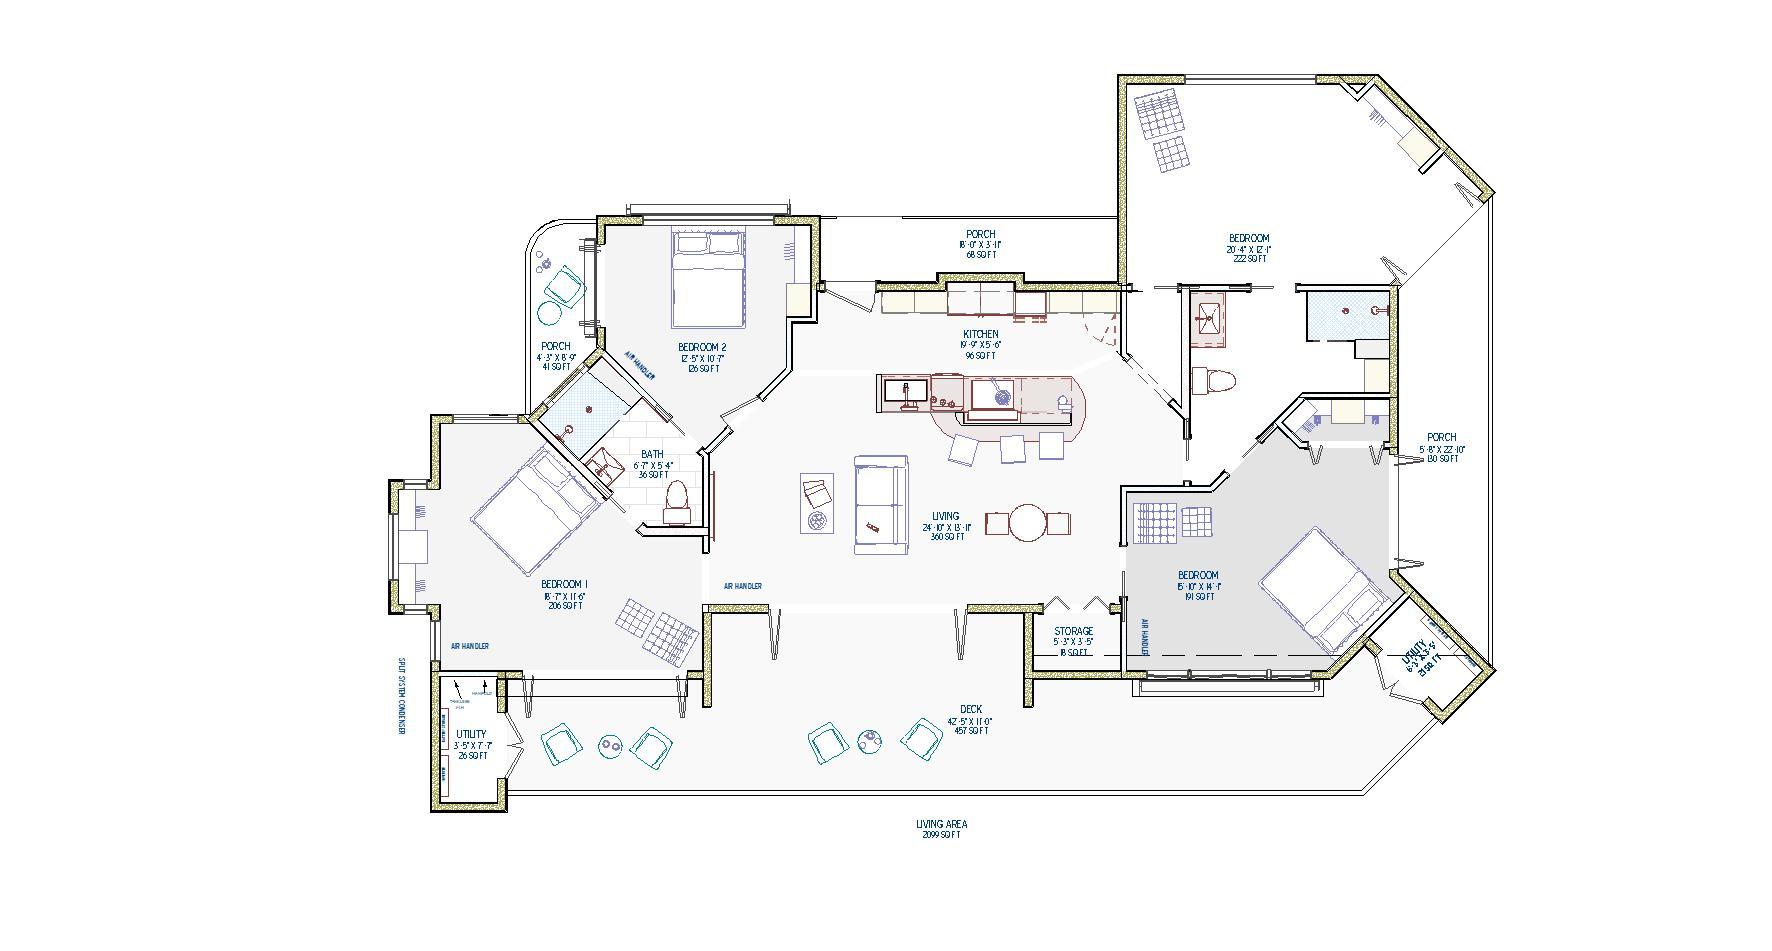 plan view 1.jpg